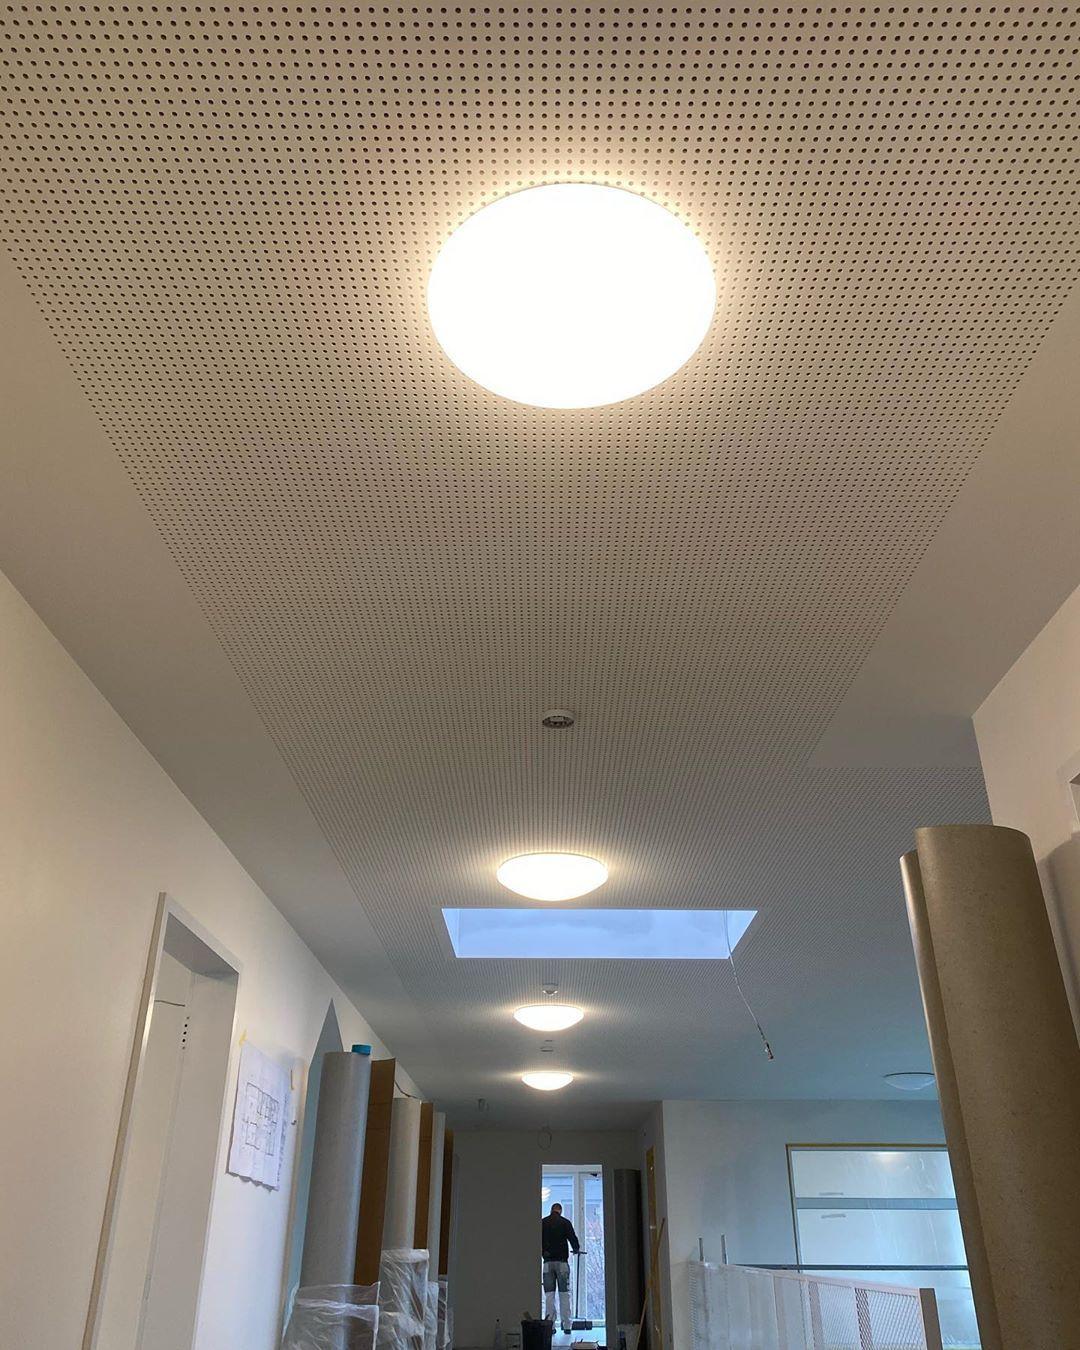 Wir Sind In Den Letzten Zugen In Einem Neuen Kindergarten Die Feininstallation Wir Sind In Den Letzten Zugen In Einem Neuen In 2020 Wall Lights Ceiling Lights Light